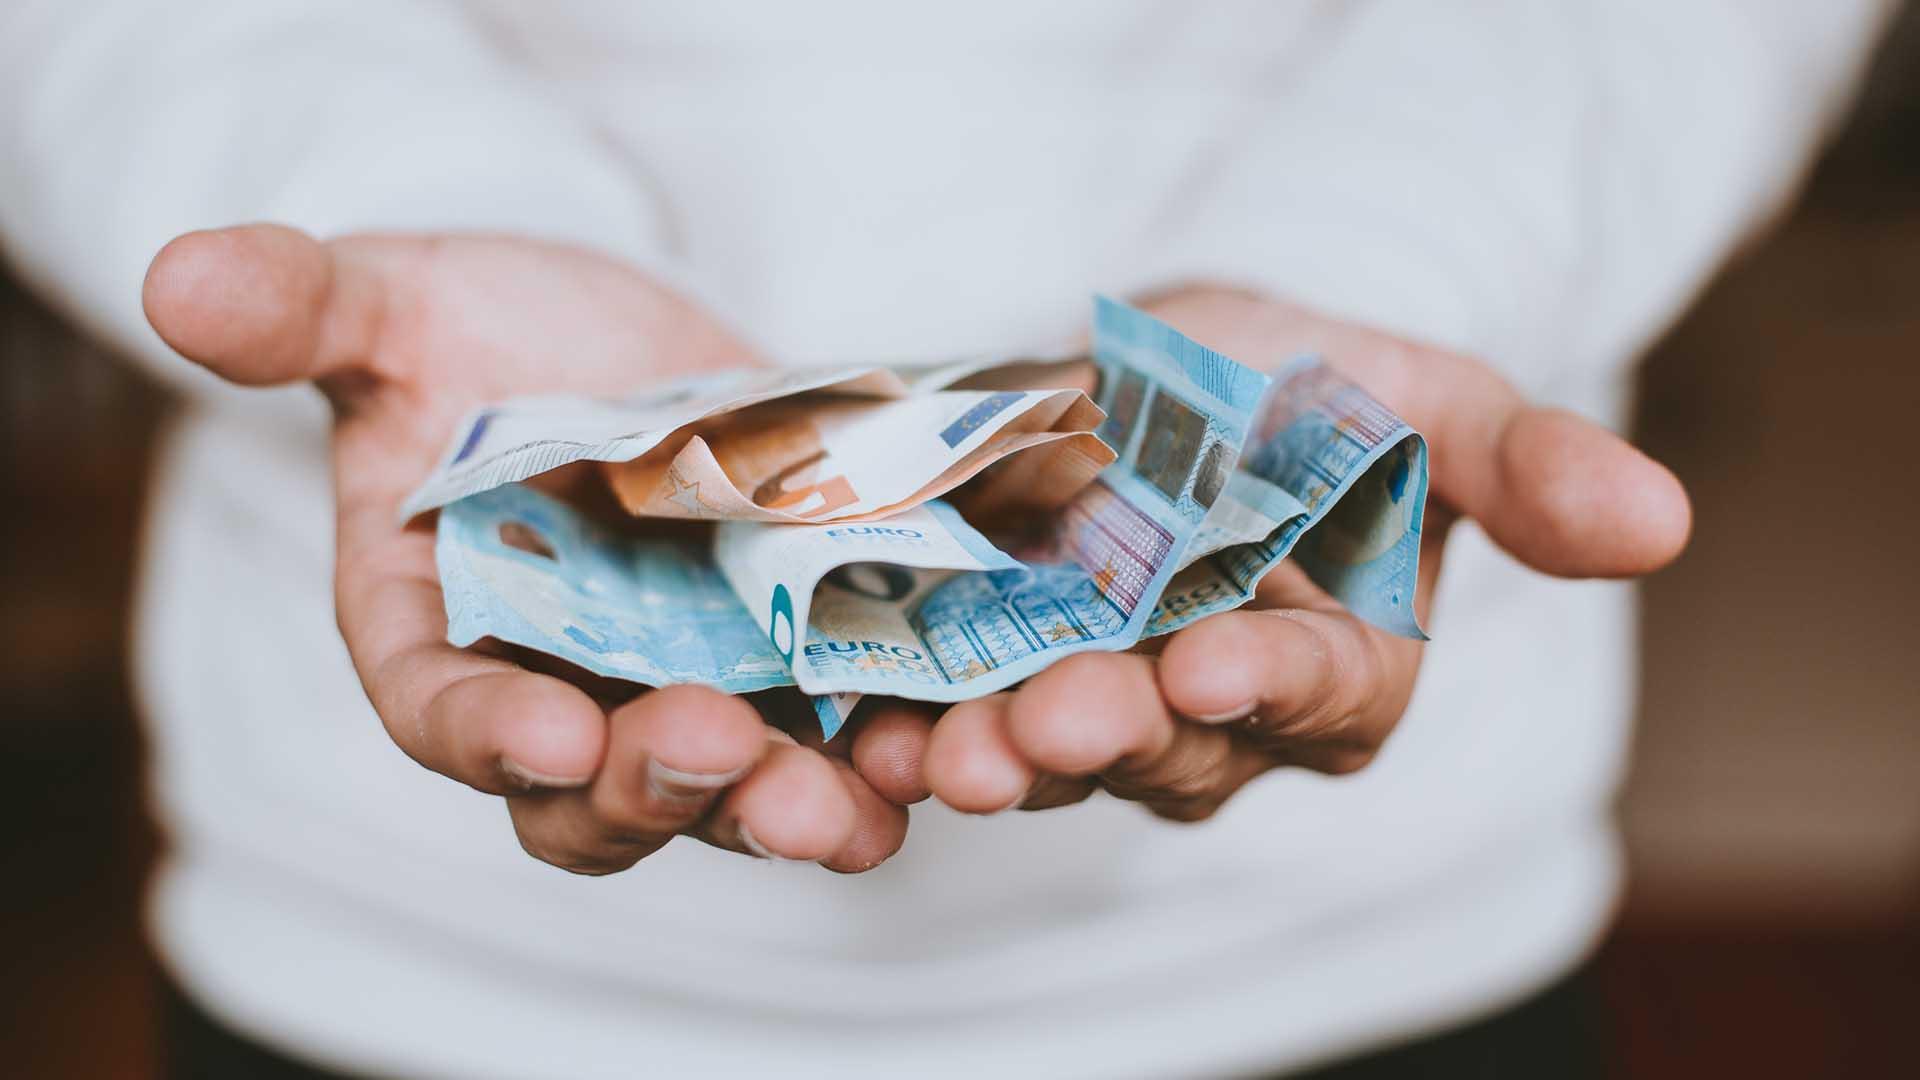 Come_finanziare_nuova_attività